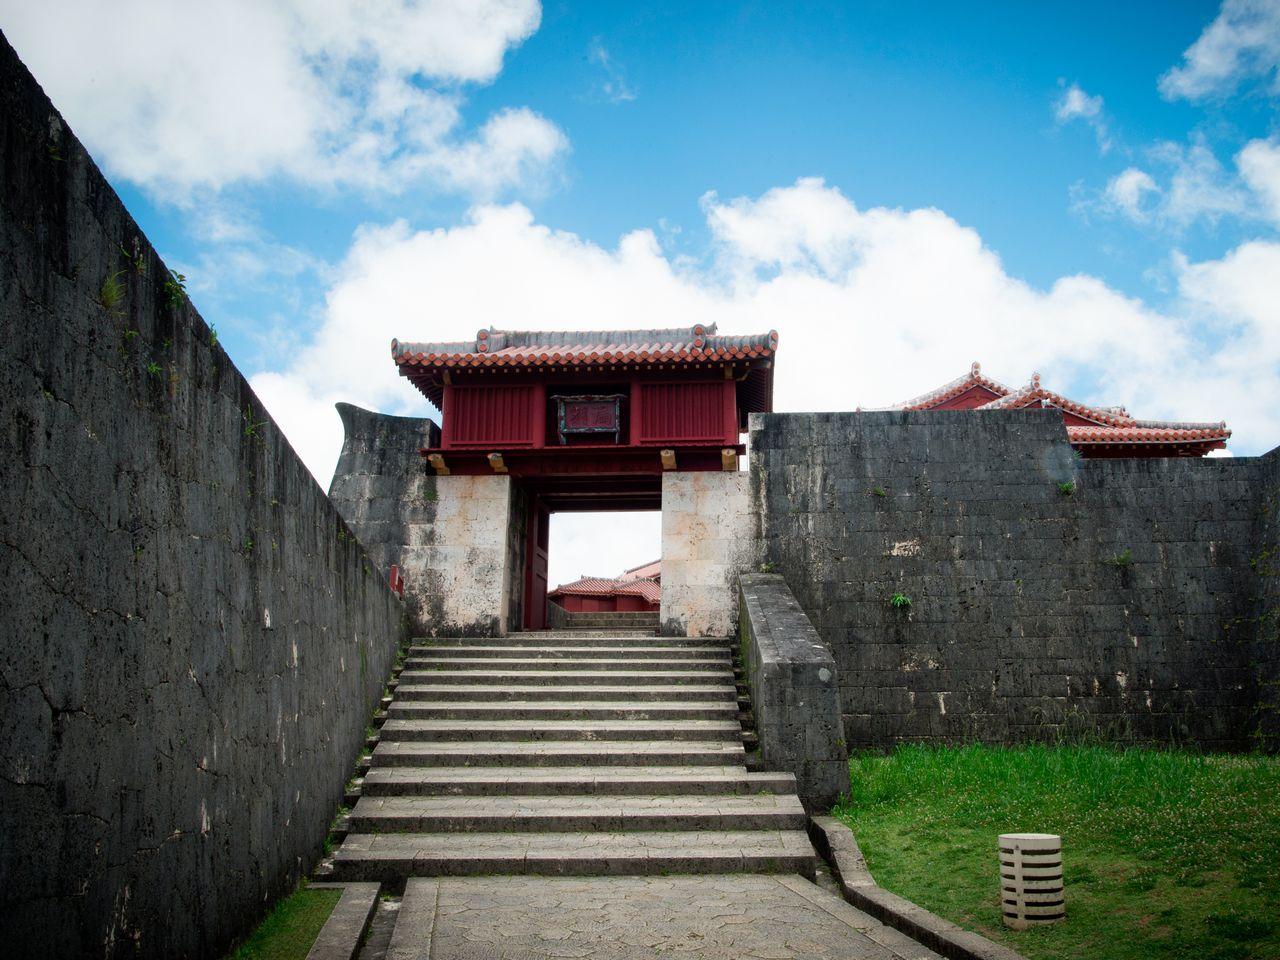 В замке Сюридзё имеется множество ворот и каменных стен. При укладке стен на Окинаве использовали континентальный метод, поэтому они заметно отличаются от стен на других островах японского архипелага. На фото – ворота Рококу («водяные часы»). В древности время определяли по объёму воды, капающей из установленной на башне бочки